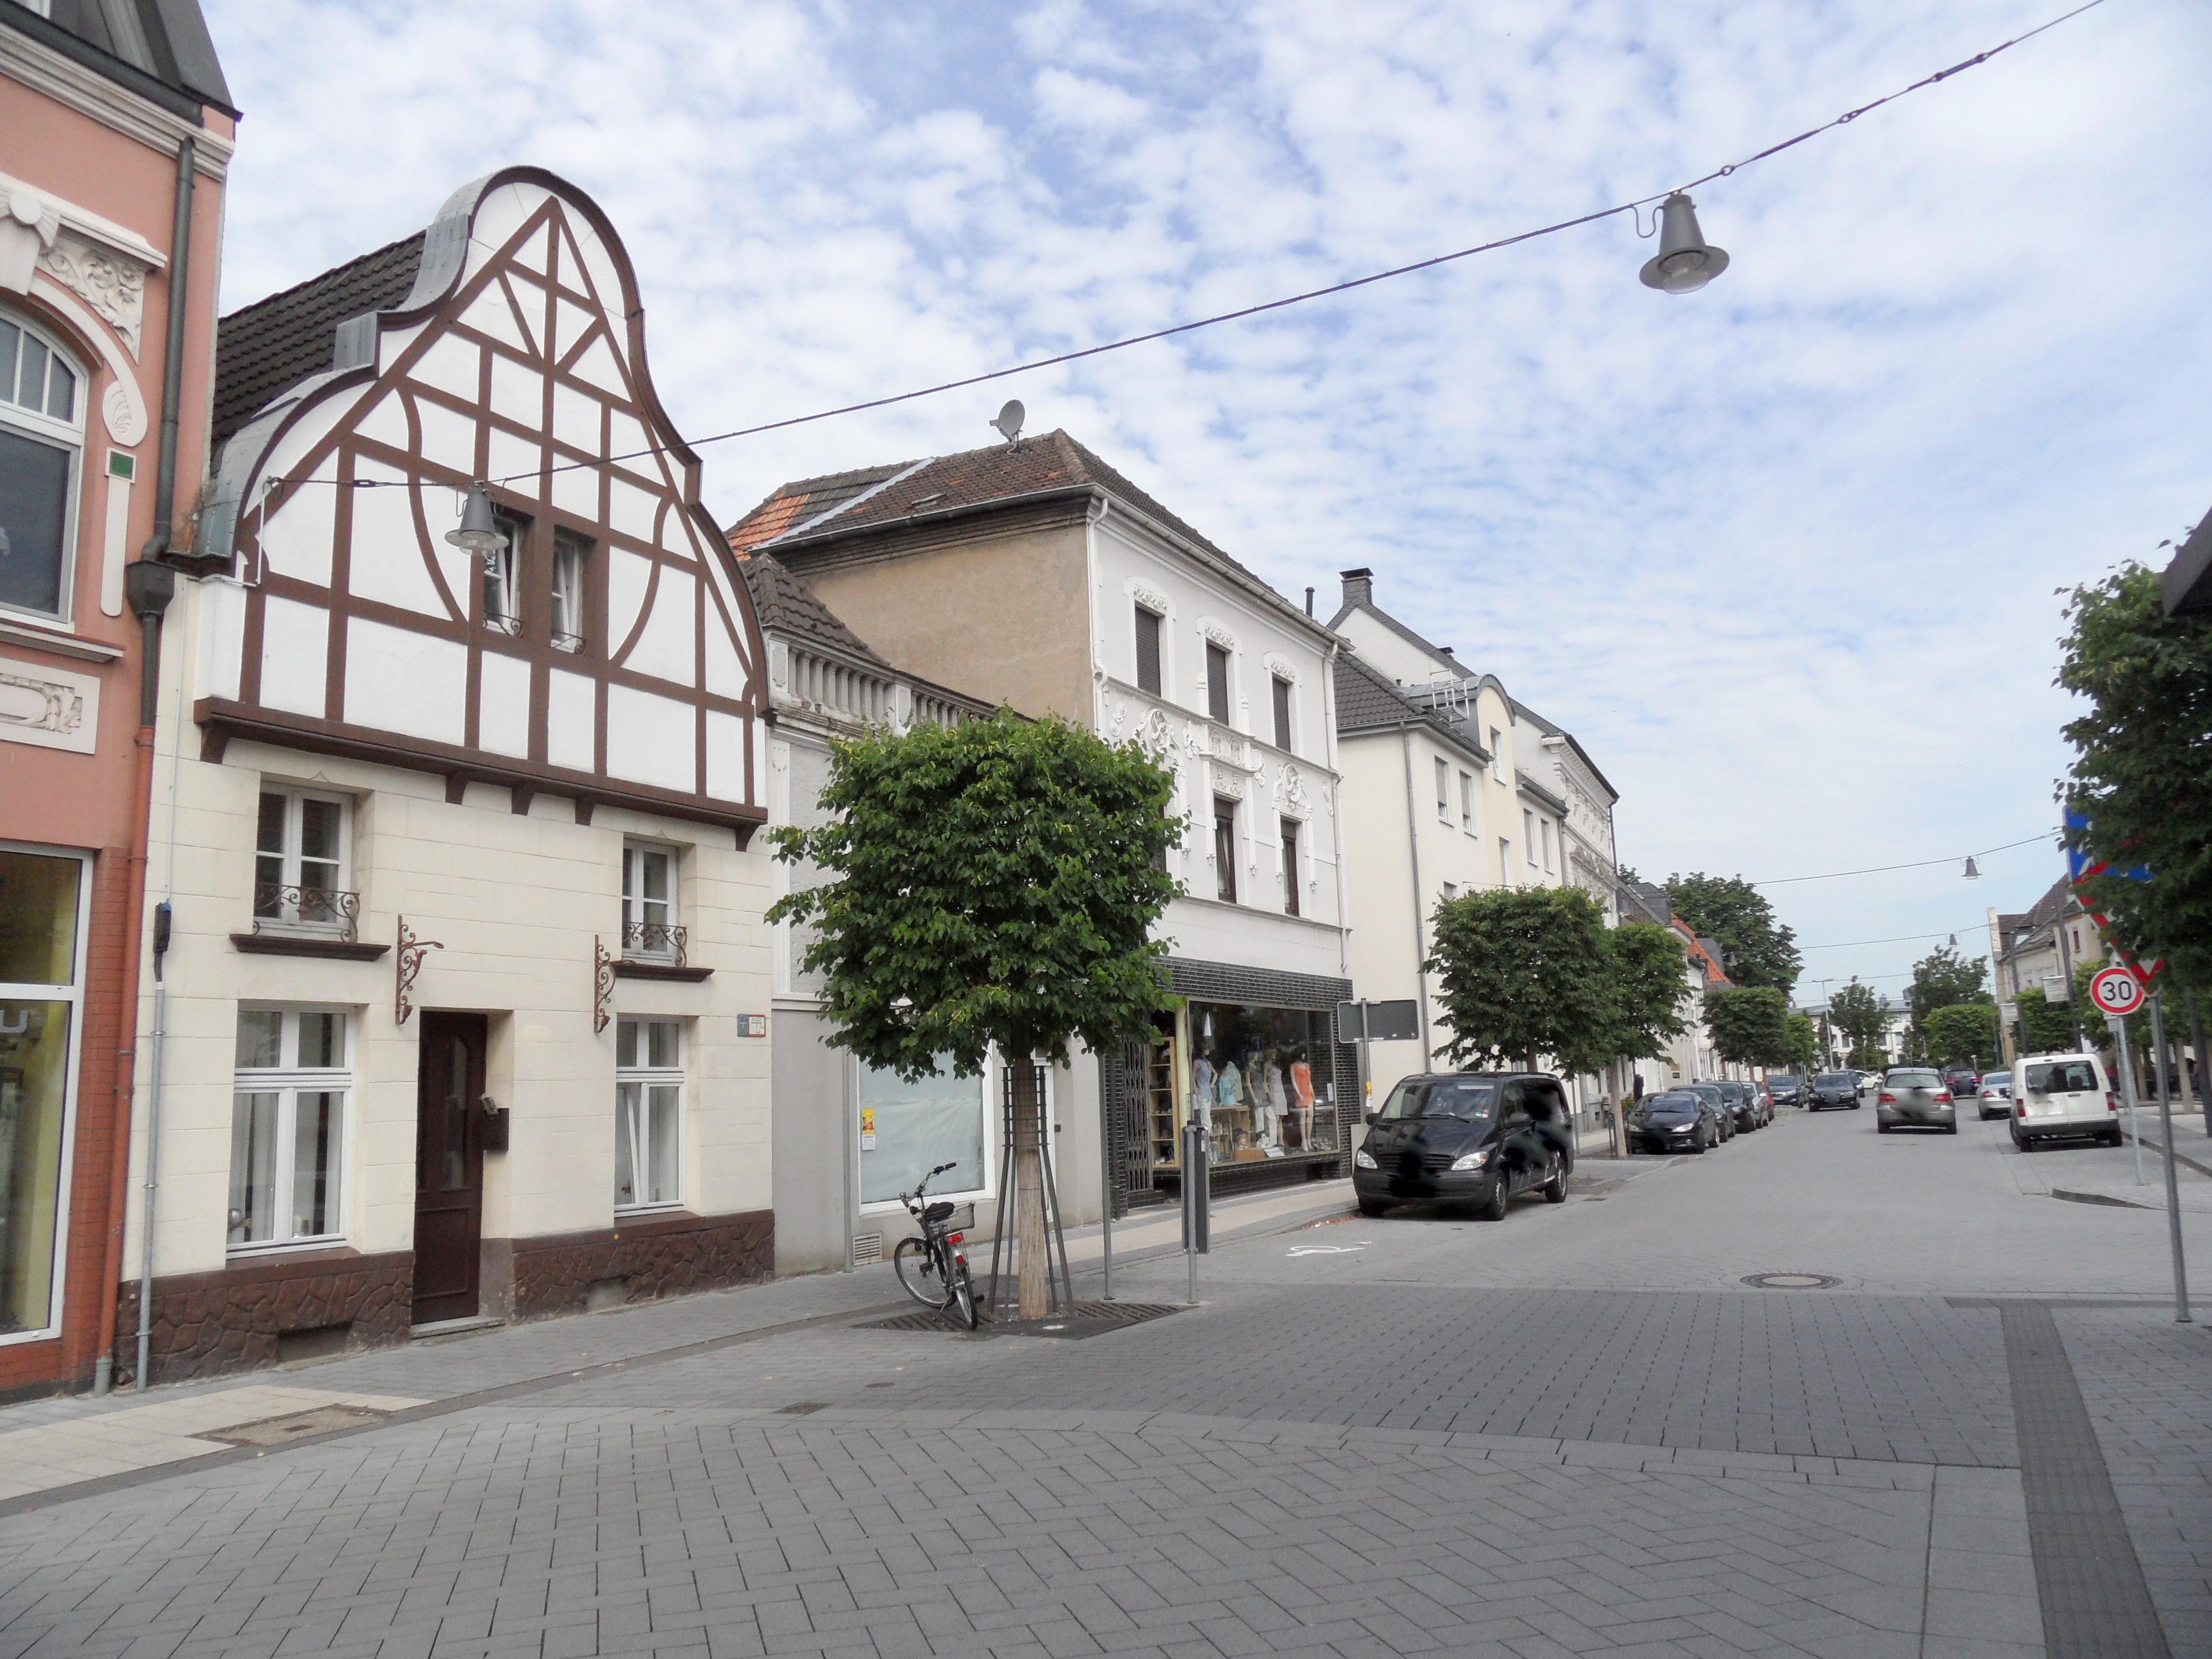 Umzugsunternehmen in Rheinberg